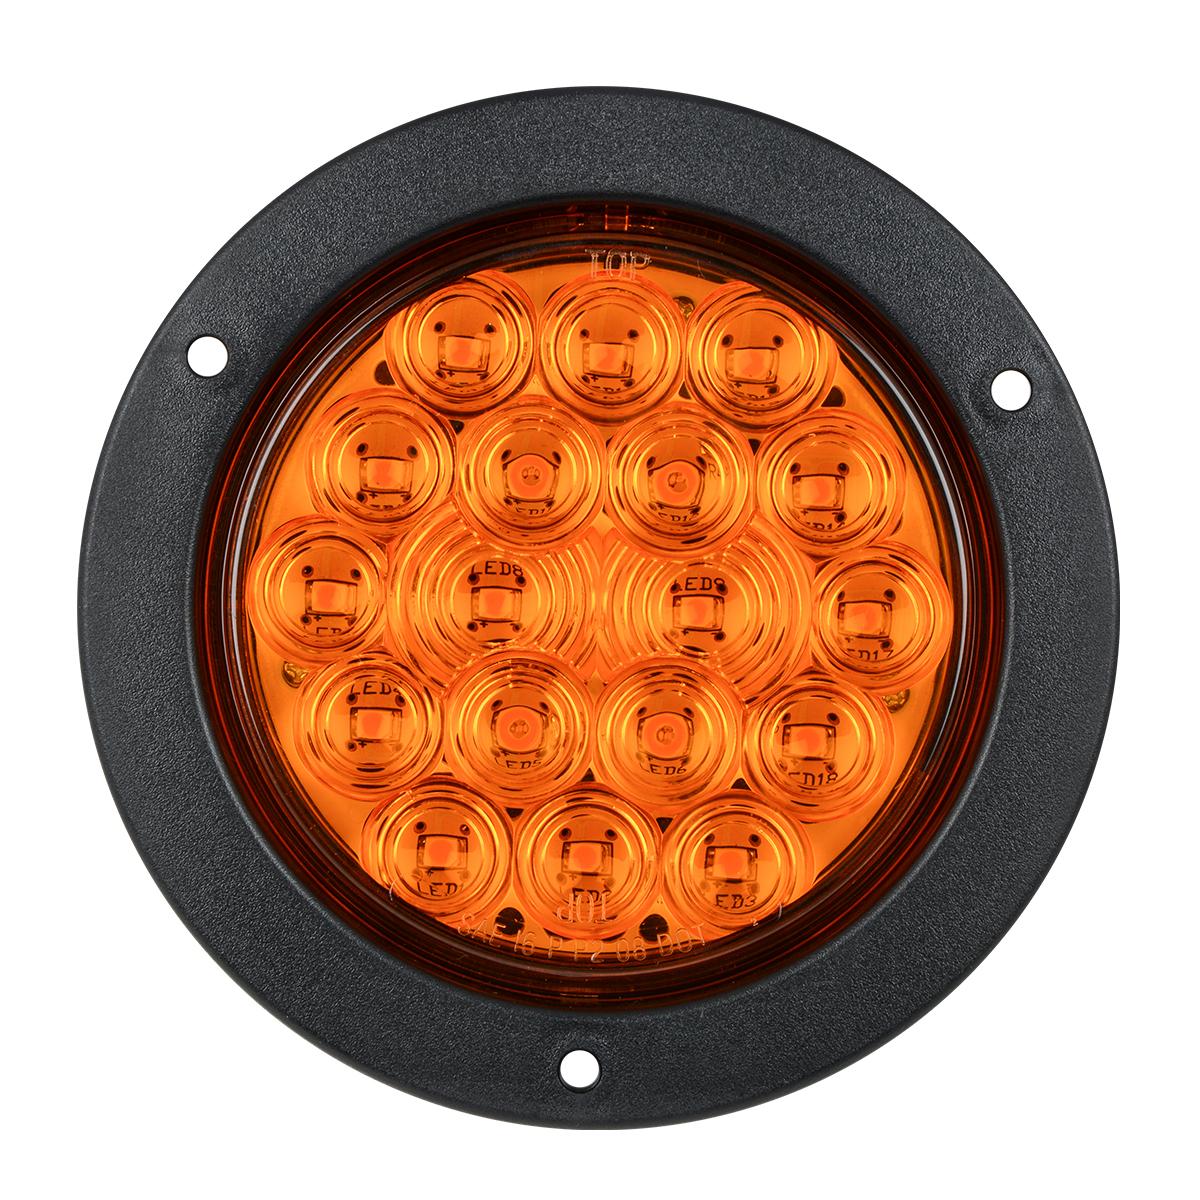 """75910 Amber/Amber 4"""" Fleet LED Light with Black Flange Mount"""